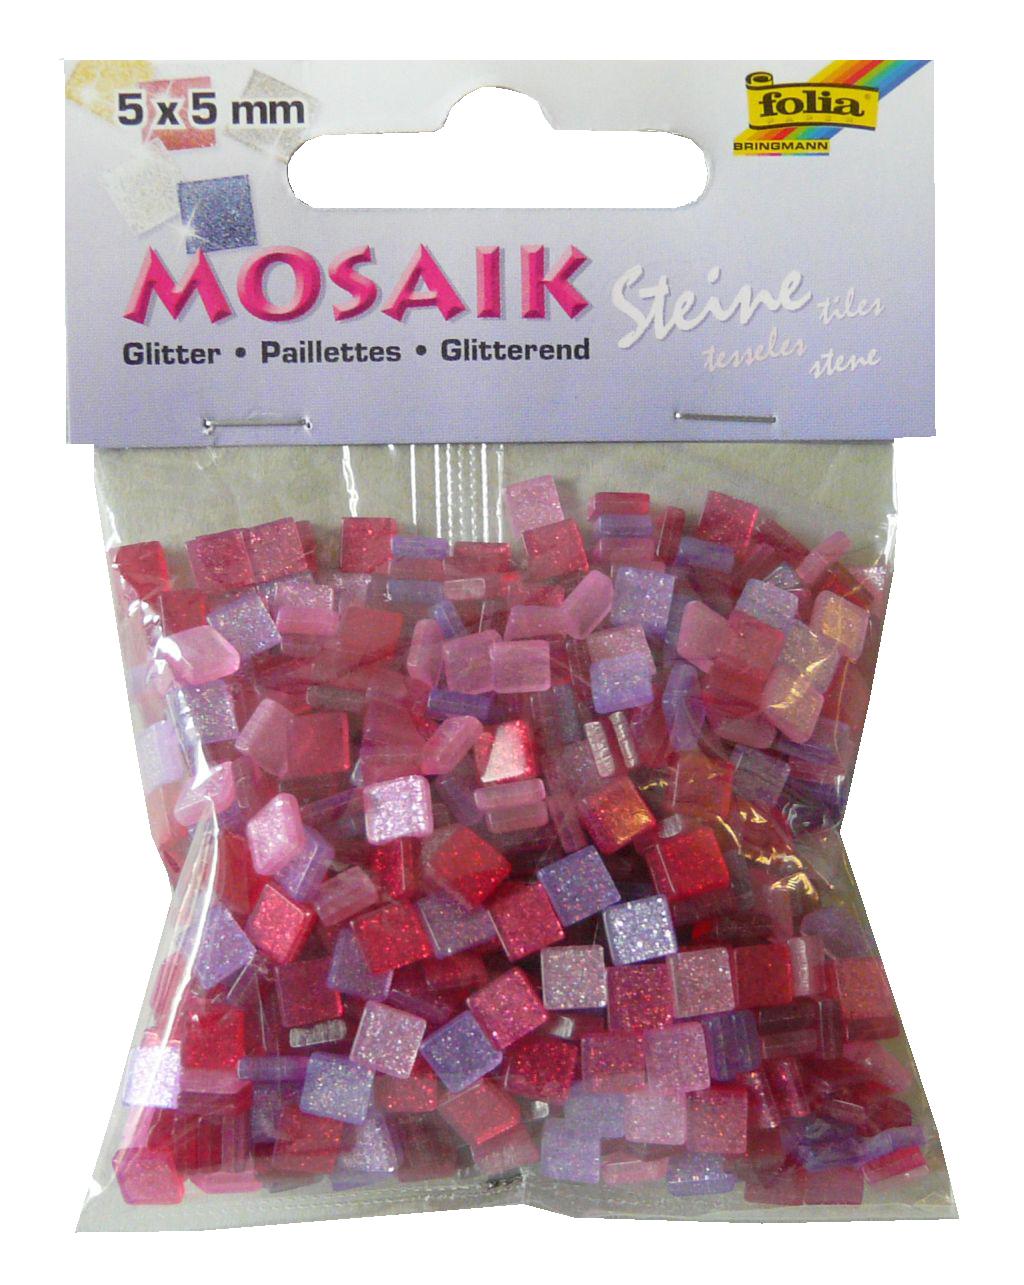 mosaiksteine glitter pink f r edle verzierungen. Black Bedroom Furniture Sets. Home Design Ideas